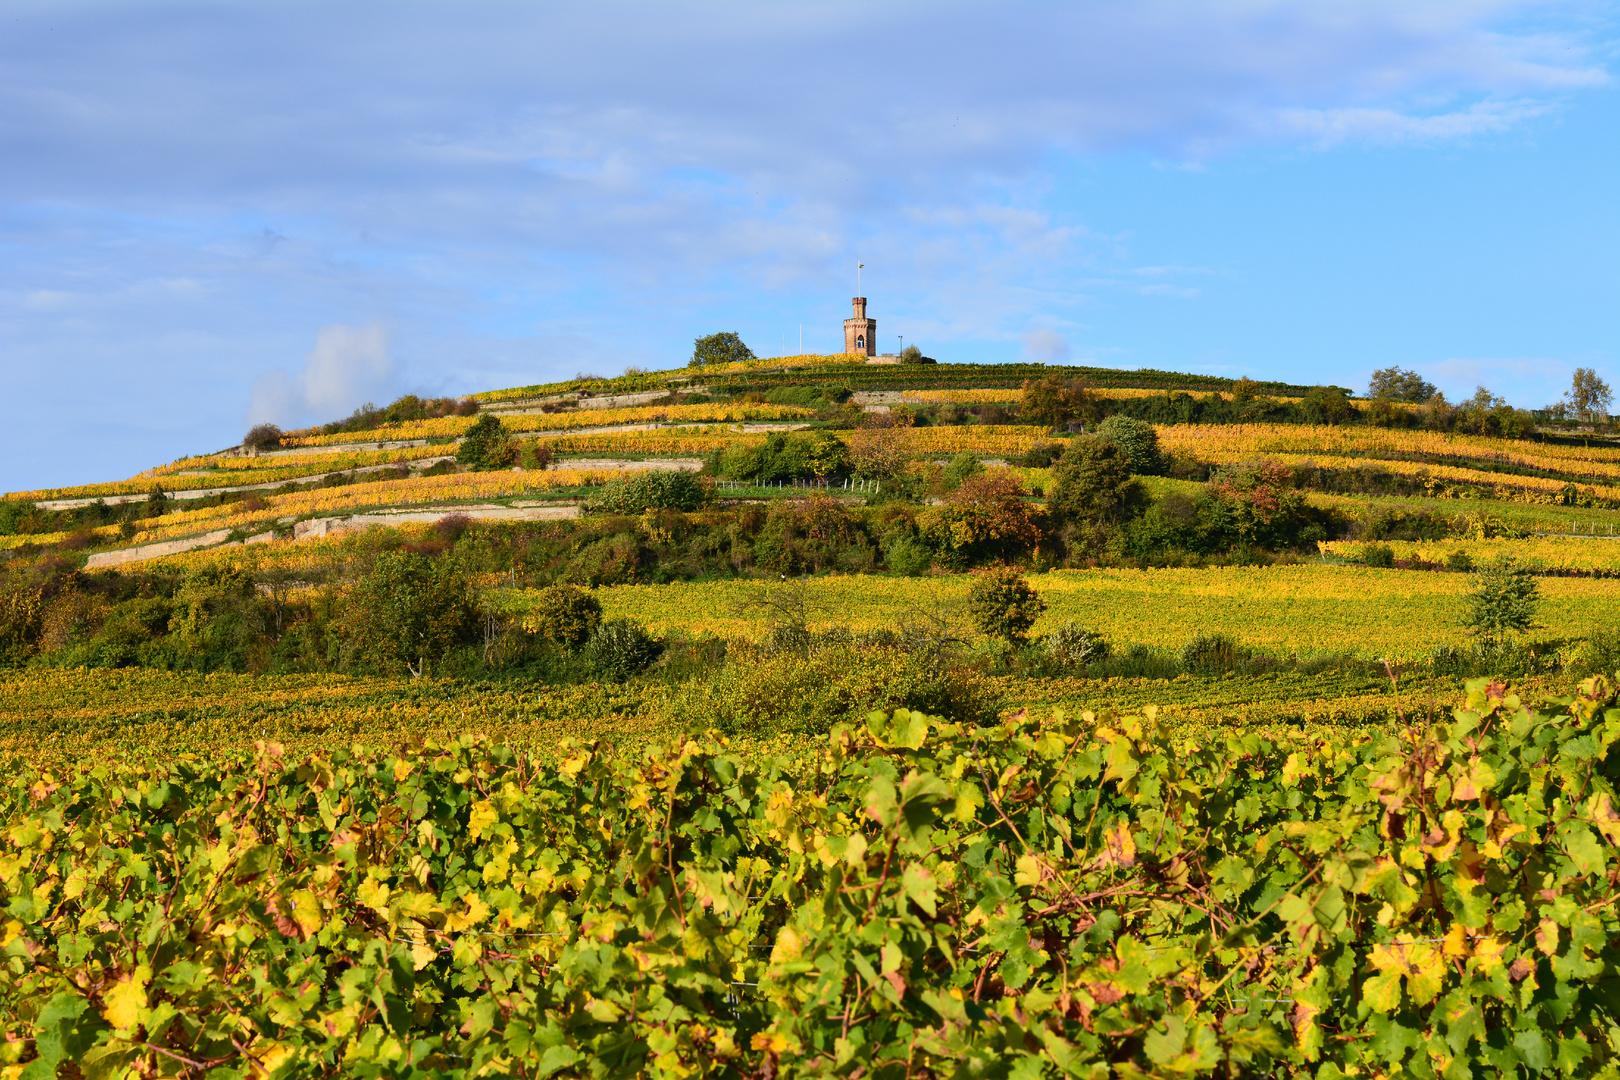 Herbst an der Deutschen Weinstrasse